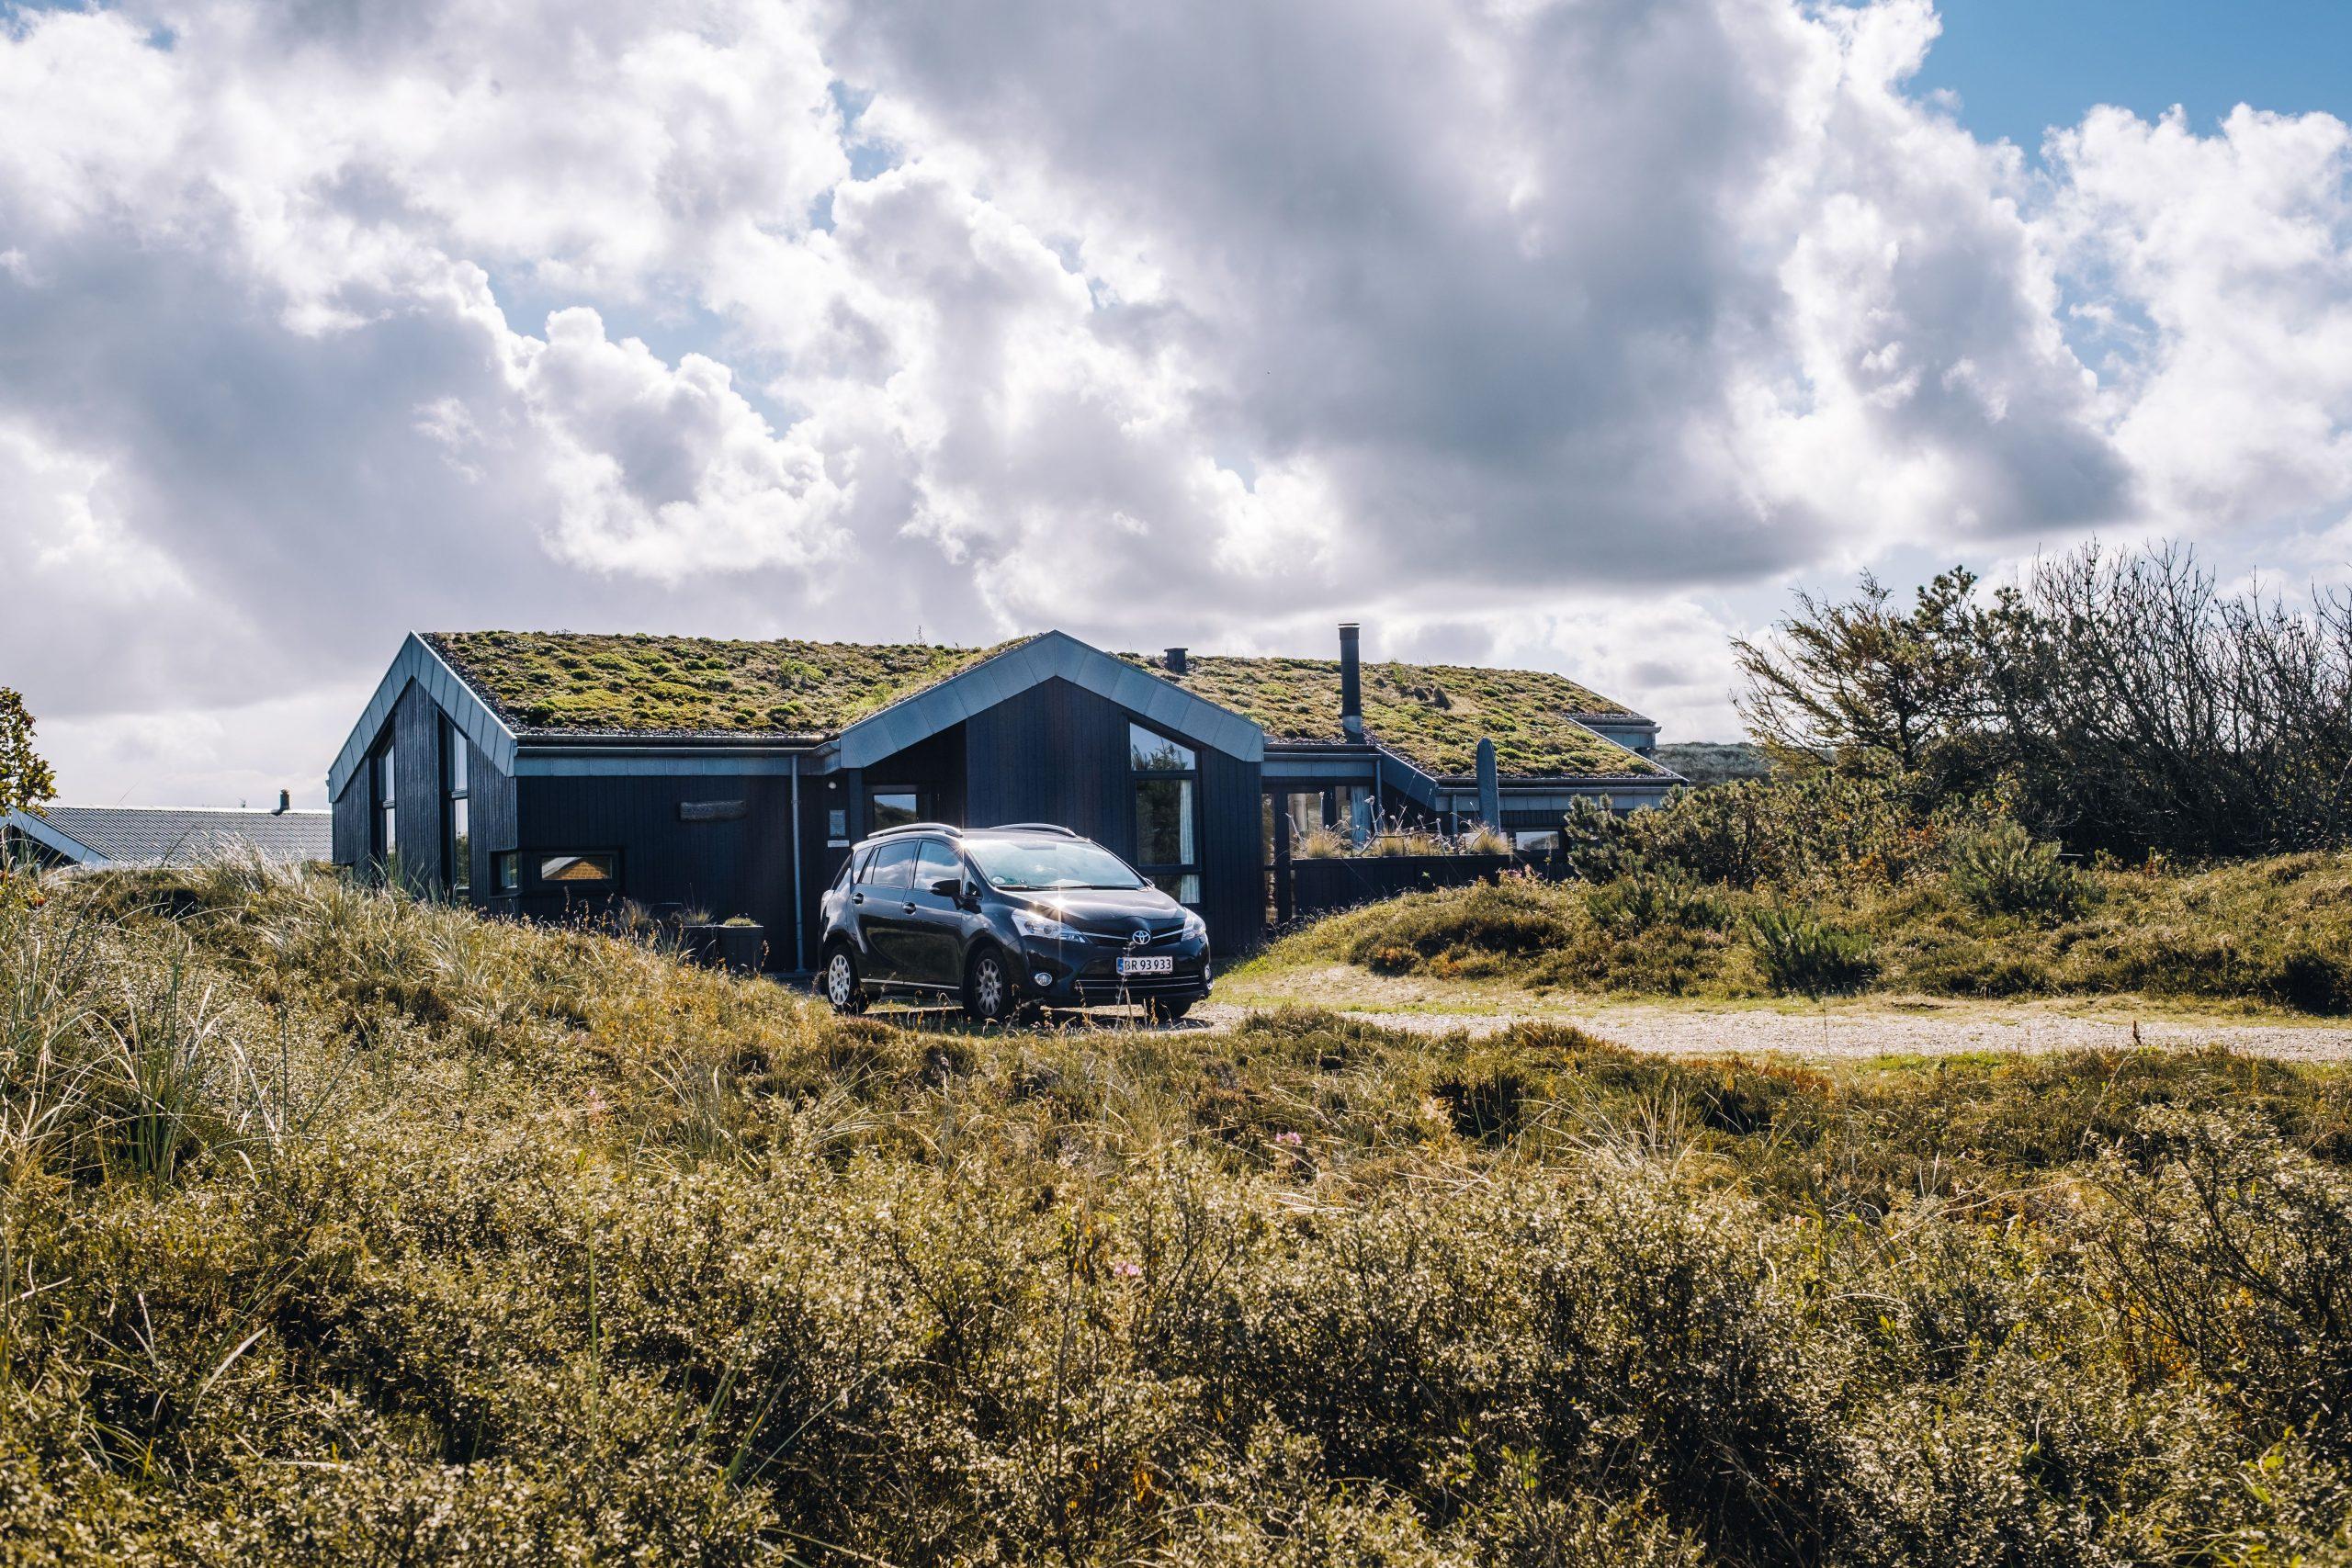 Der har været et december-boom i udlejning af danske ferieboliger de seneste knap ti år. Hovedparten af gæsterne i danske ferieboliger til udlejning er fra det store tyske marked. Arkivpressefoto fra Ringkøbing-Skjern Kommune.